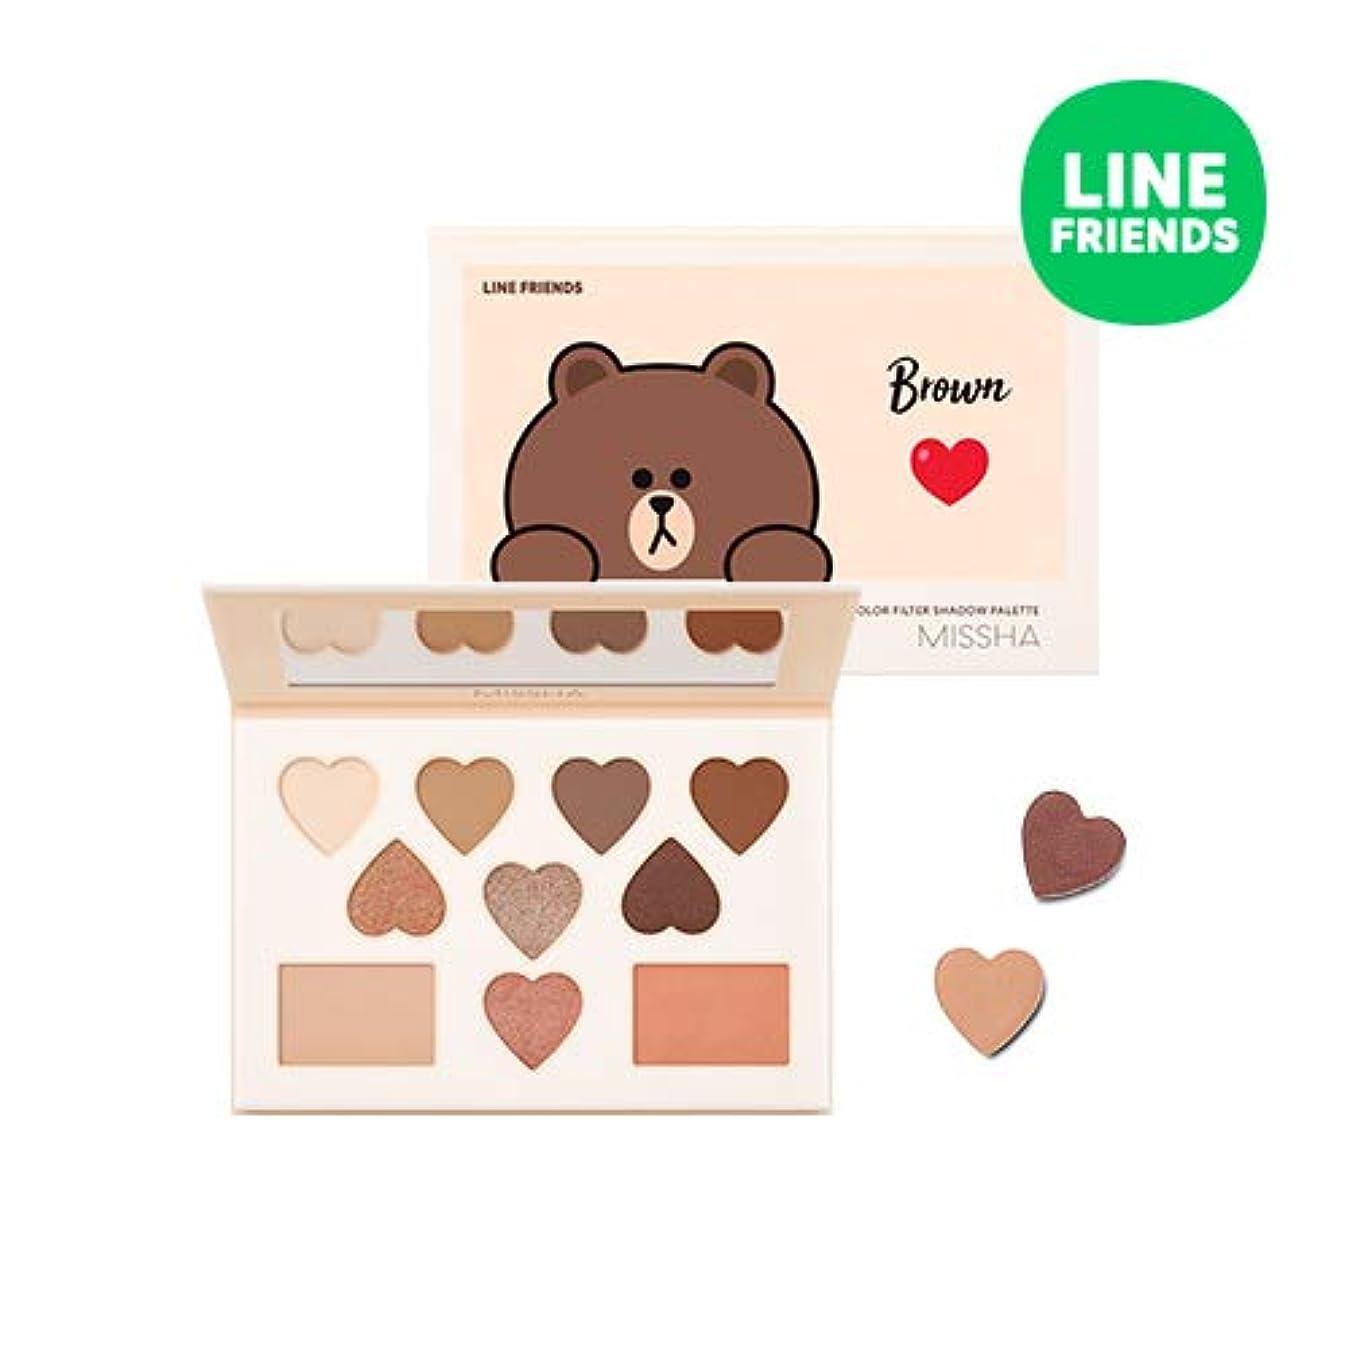 マティス情報妻ミシャ[ラインフレンズエディション] カラー フィルター シャドウ パレット MISSHA [Line Friends Edition] Color Filter Shadow Palette #5. Brown [並行輸入品]